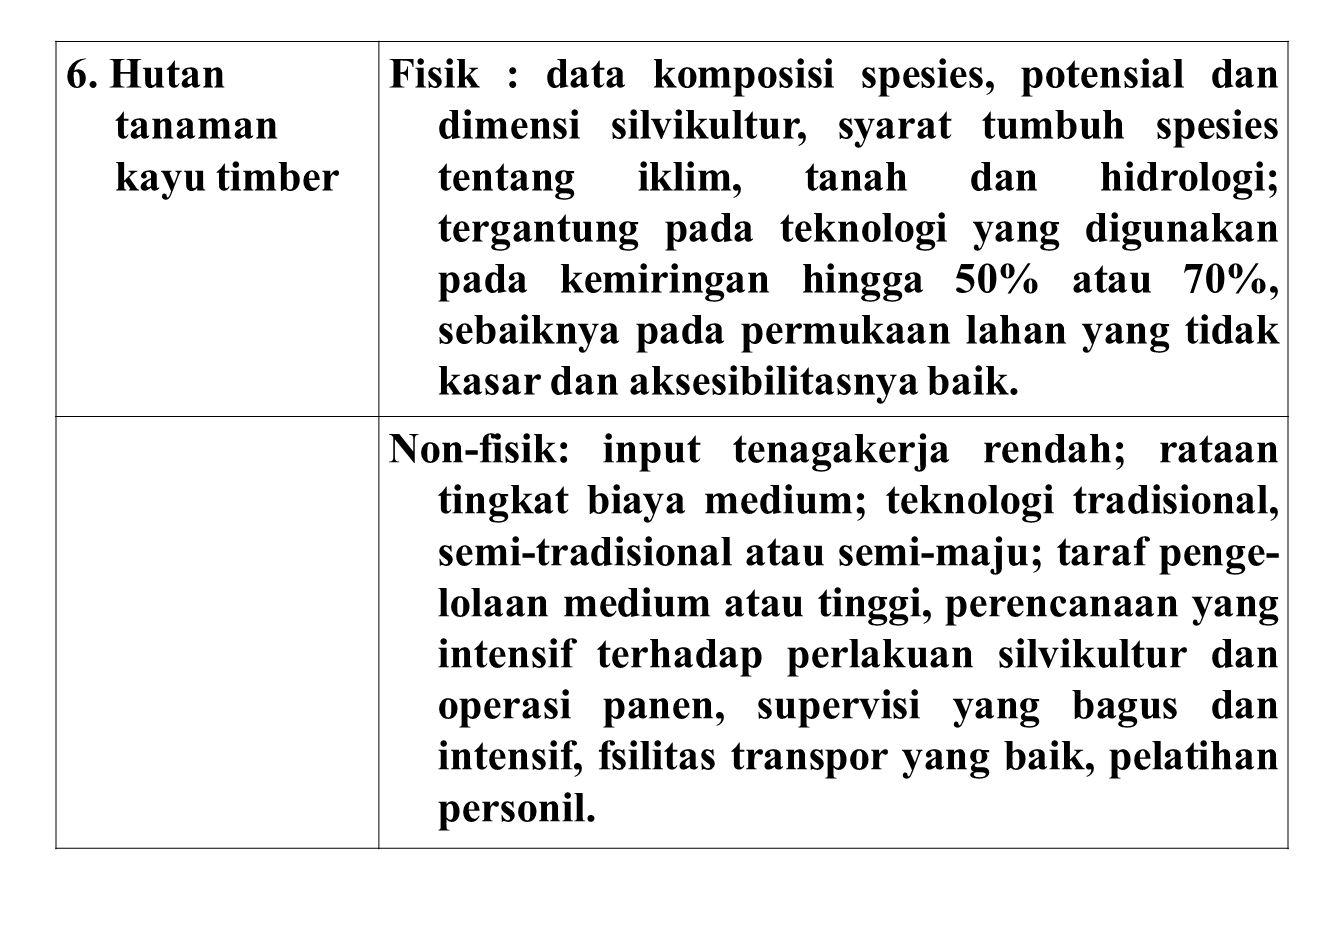 6. Hutan tanaman kayu timber